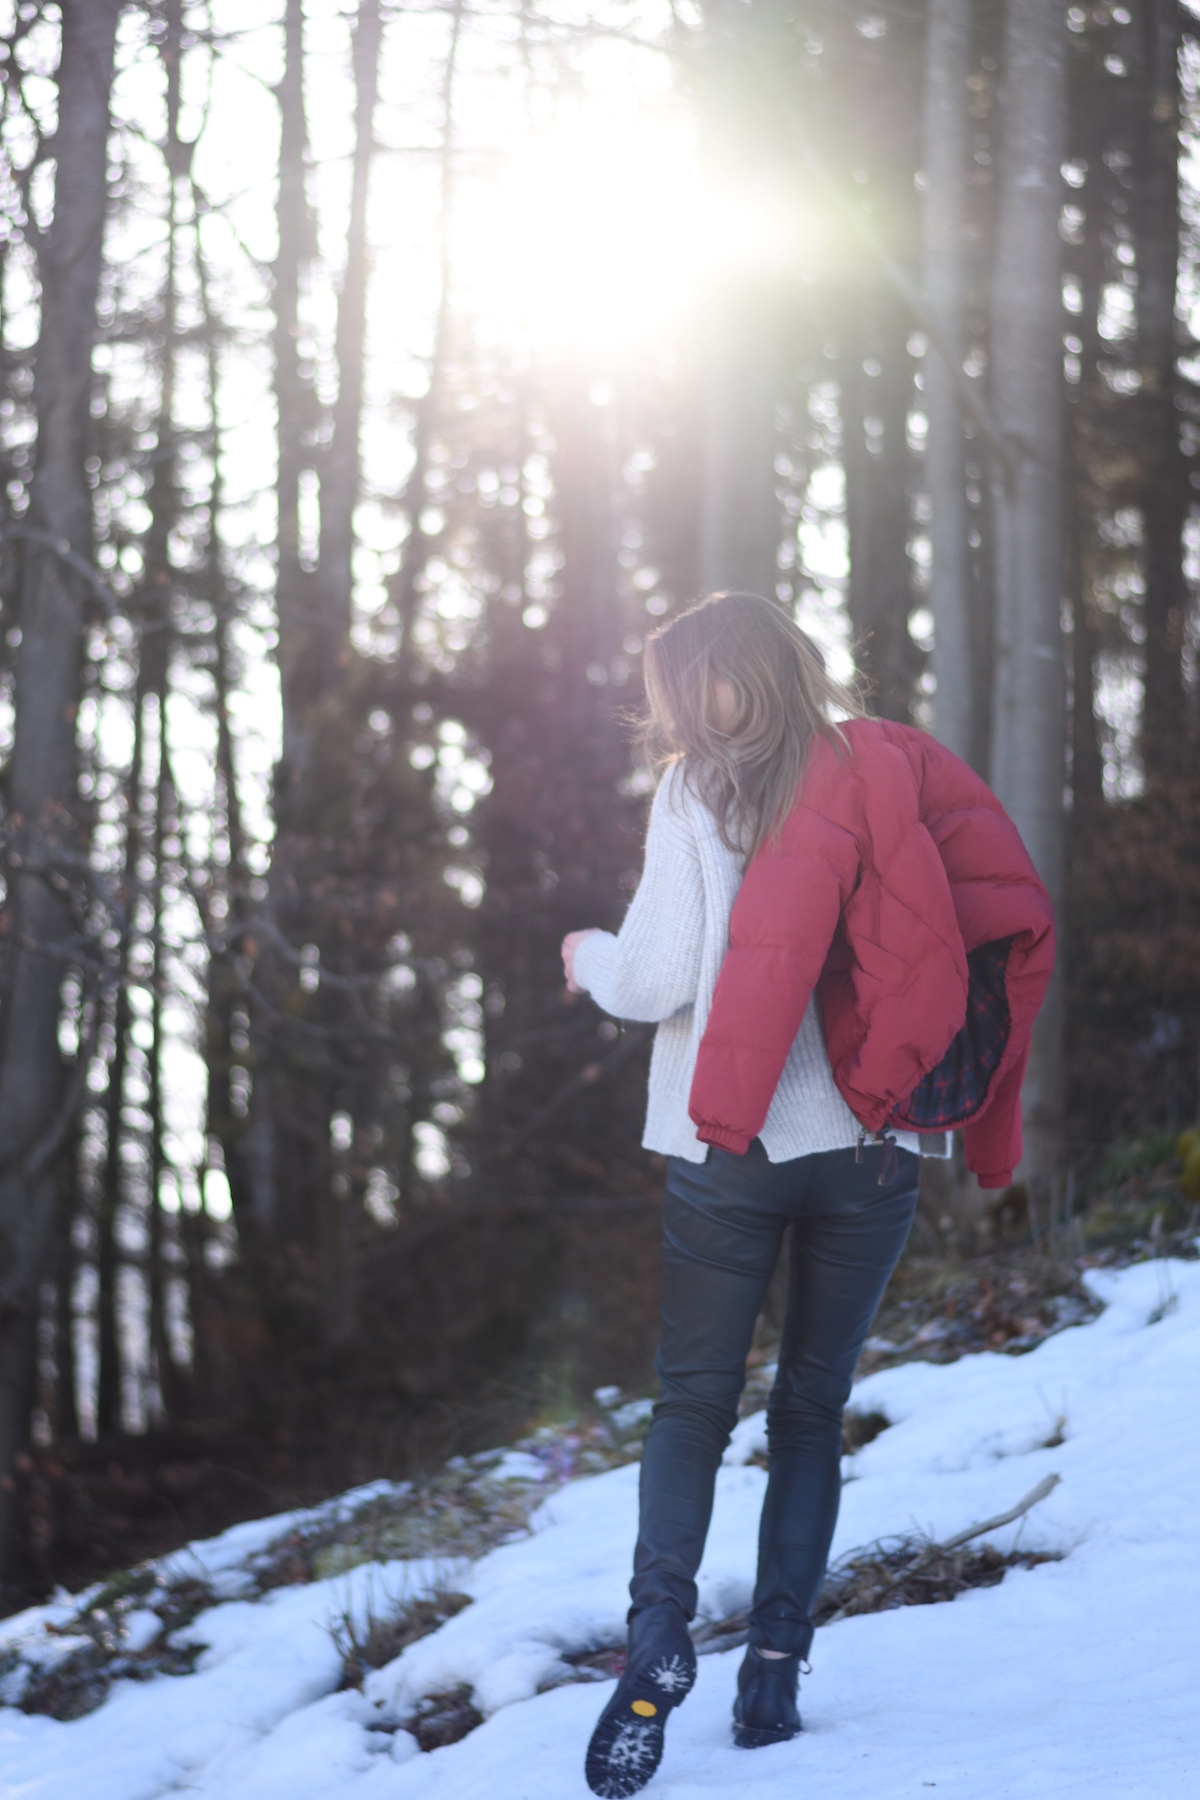 Chic & Schlittentauglich - Ein Winterschuh für alle Fälle + Outfit, in the woods